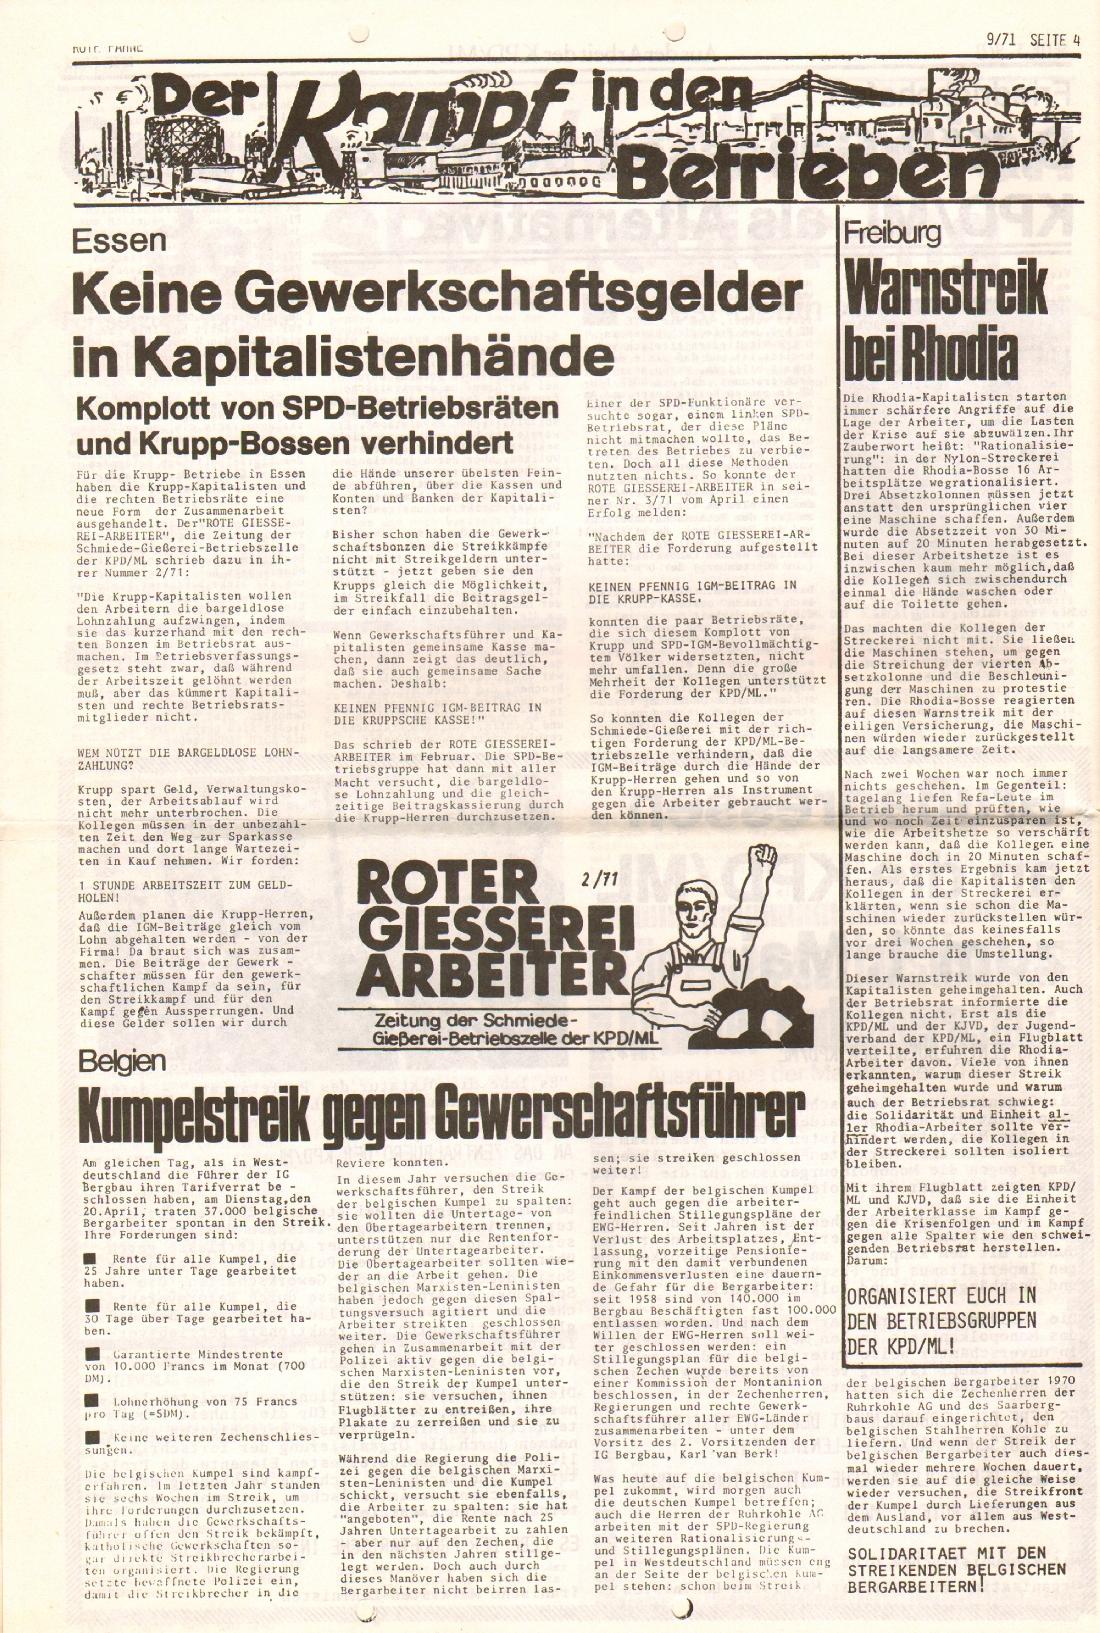 Rote Fahne, 2. Jg., 10.5.1971, Nr. 9, Seite 4